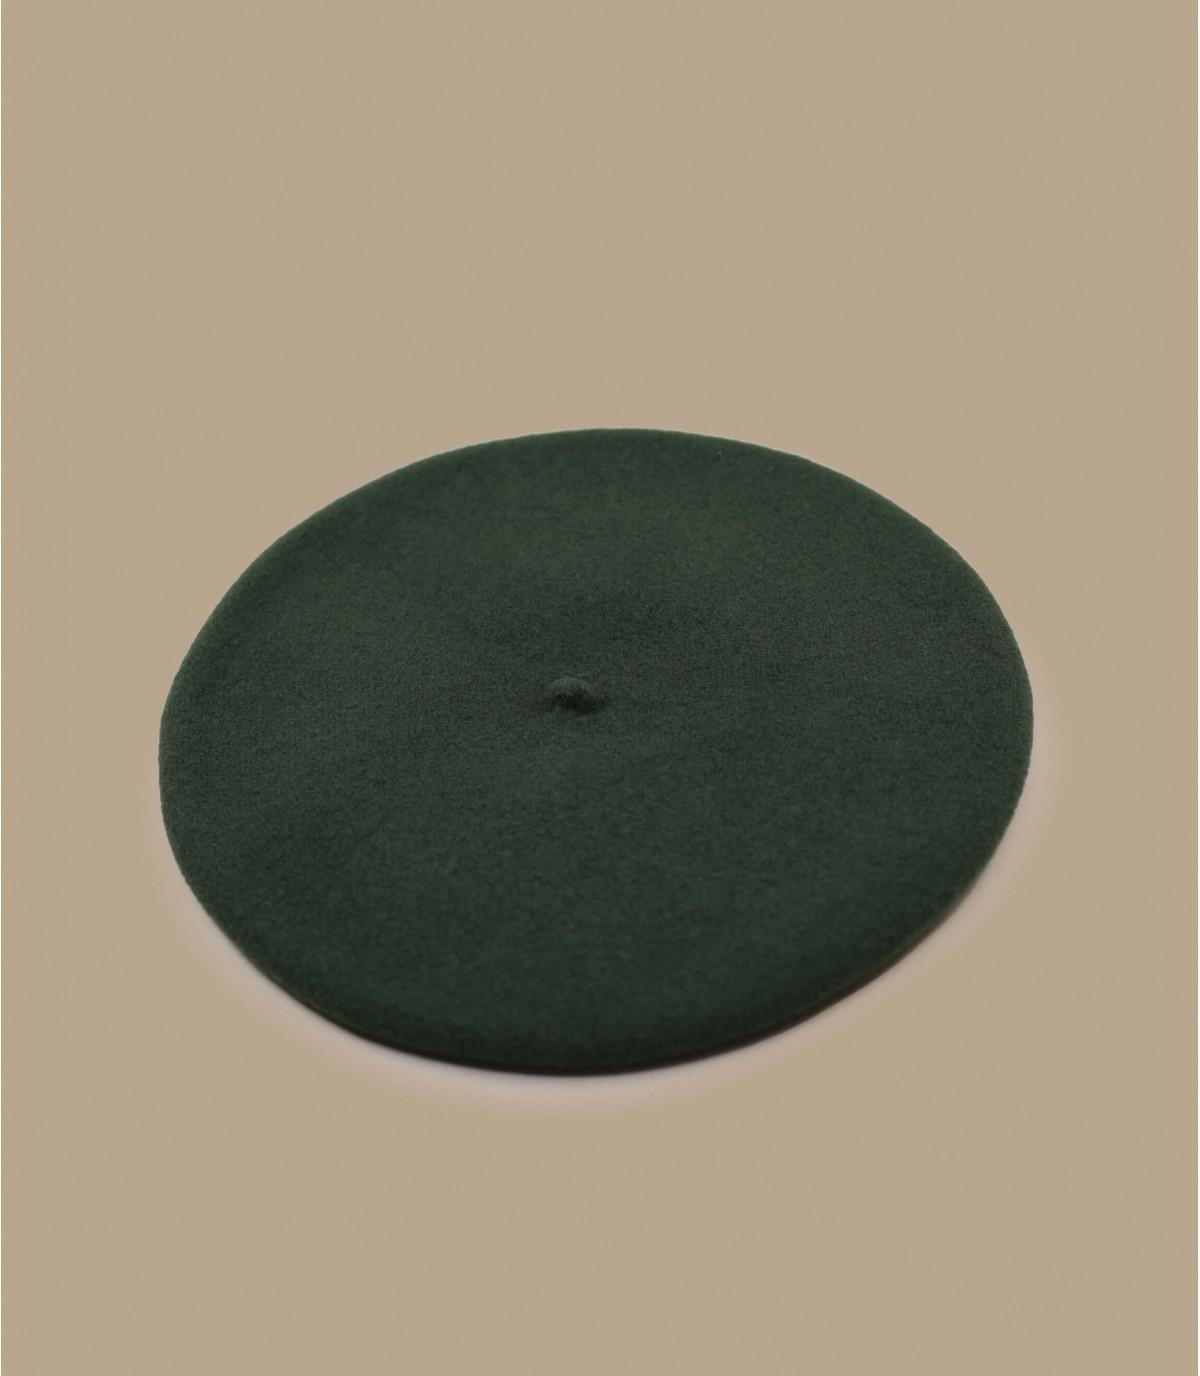 boina de lana verde caqui